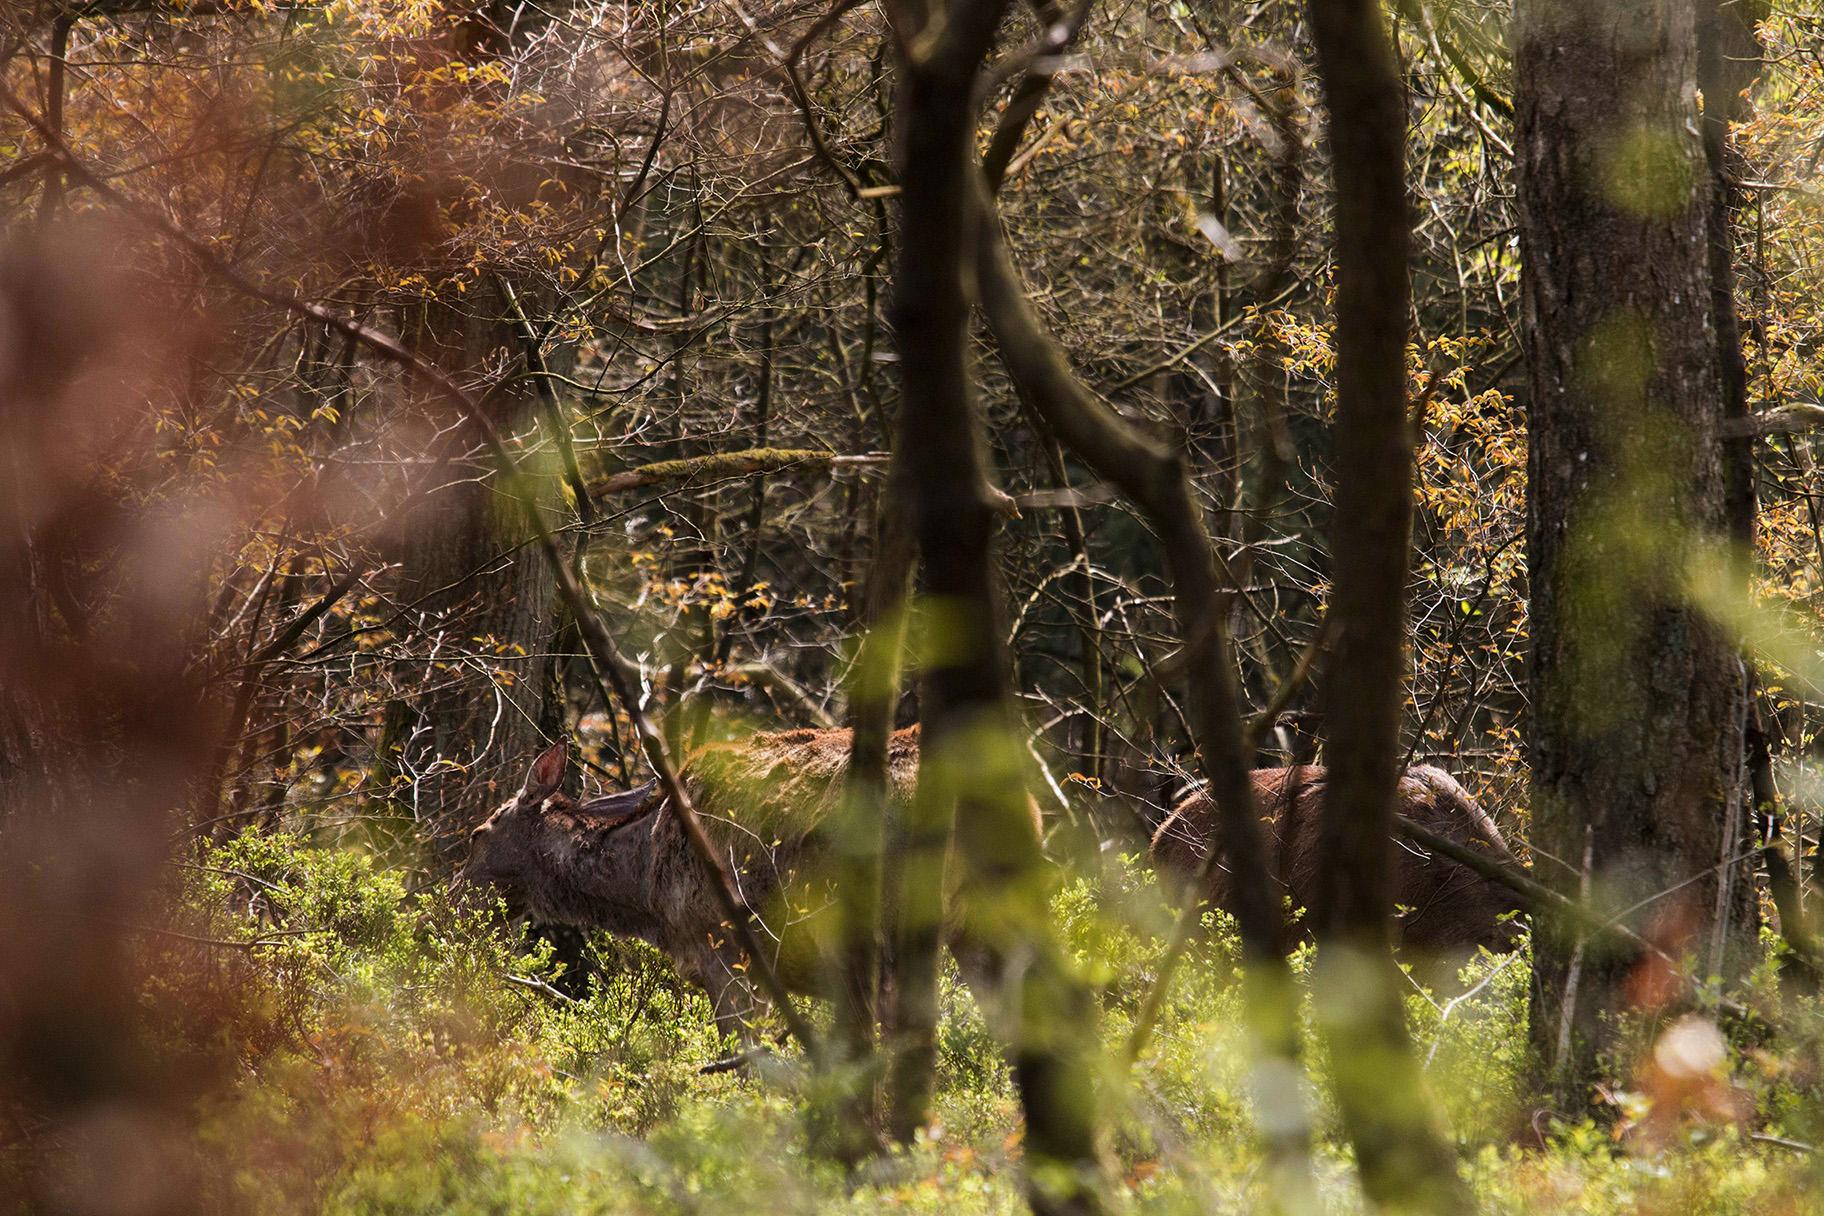 Waar het zich veilig weet, gedraagt roodwild zich vertrouwd – foto: Yvonne Arentzen